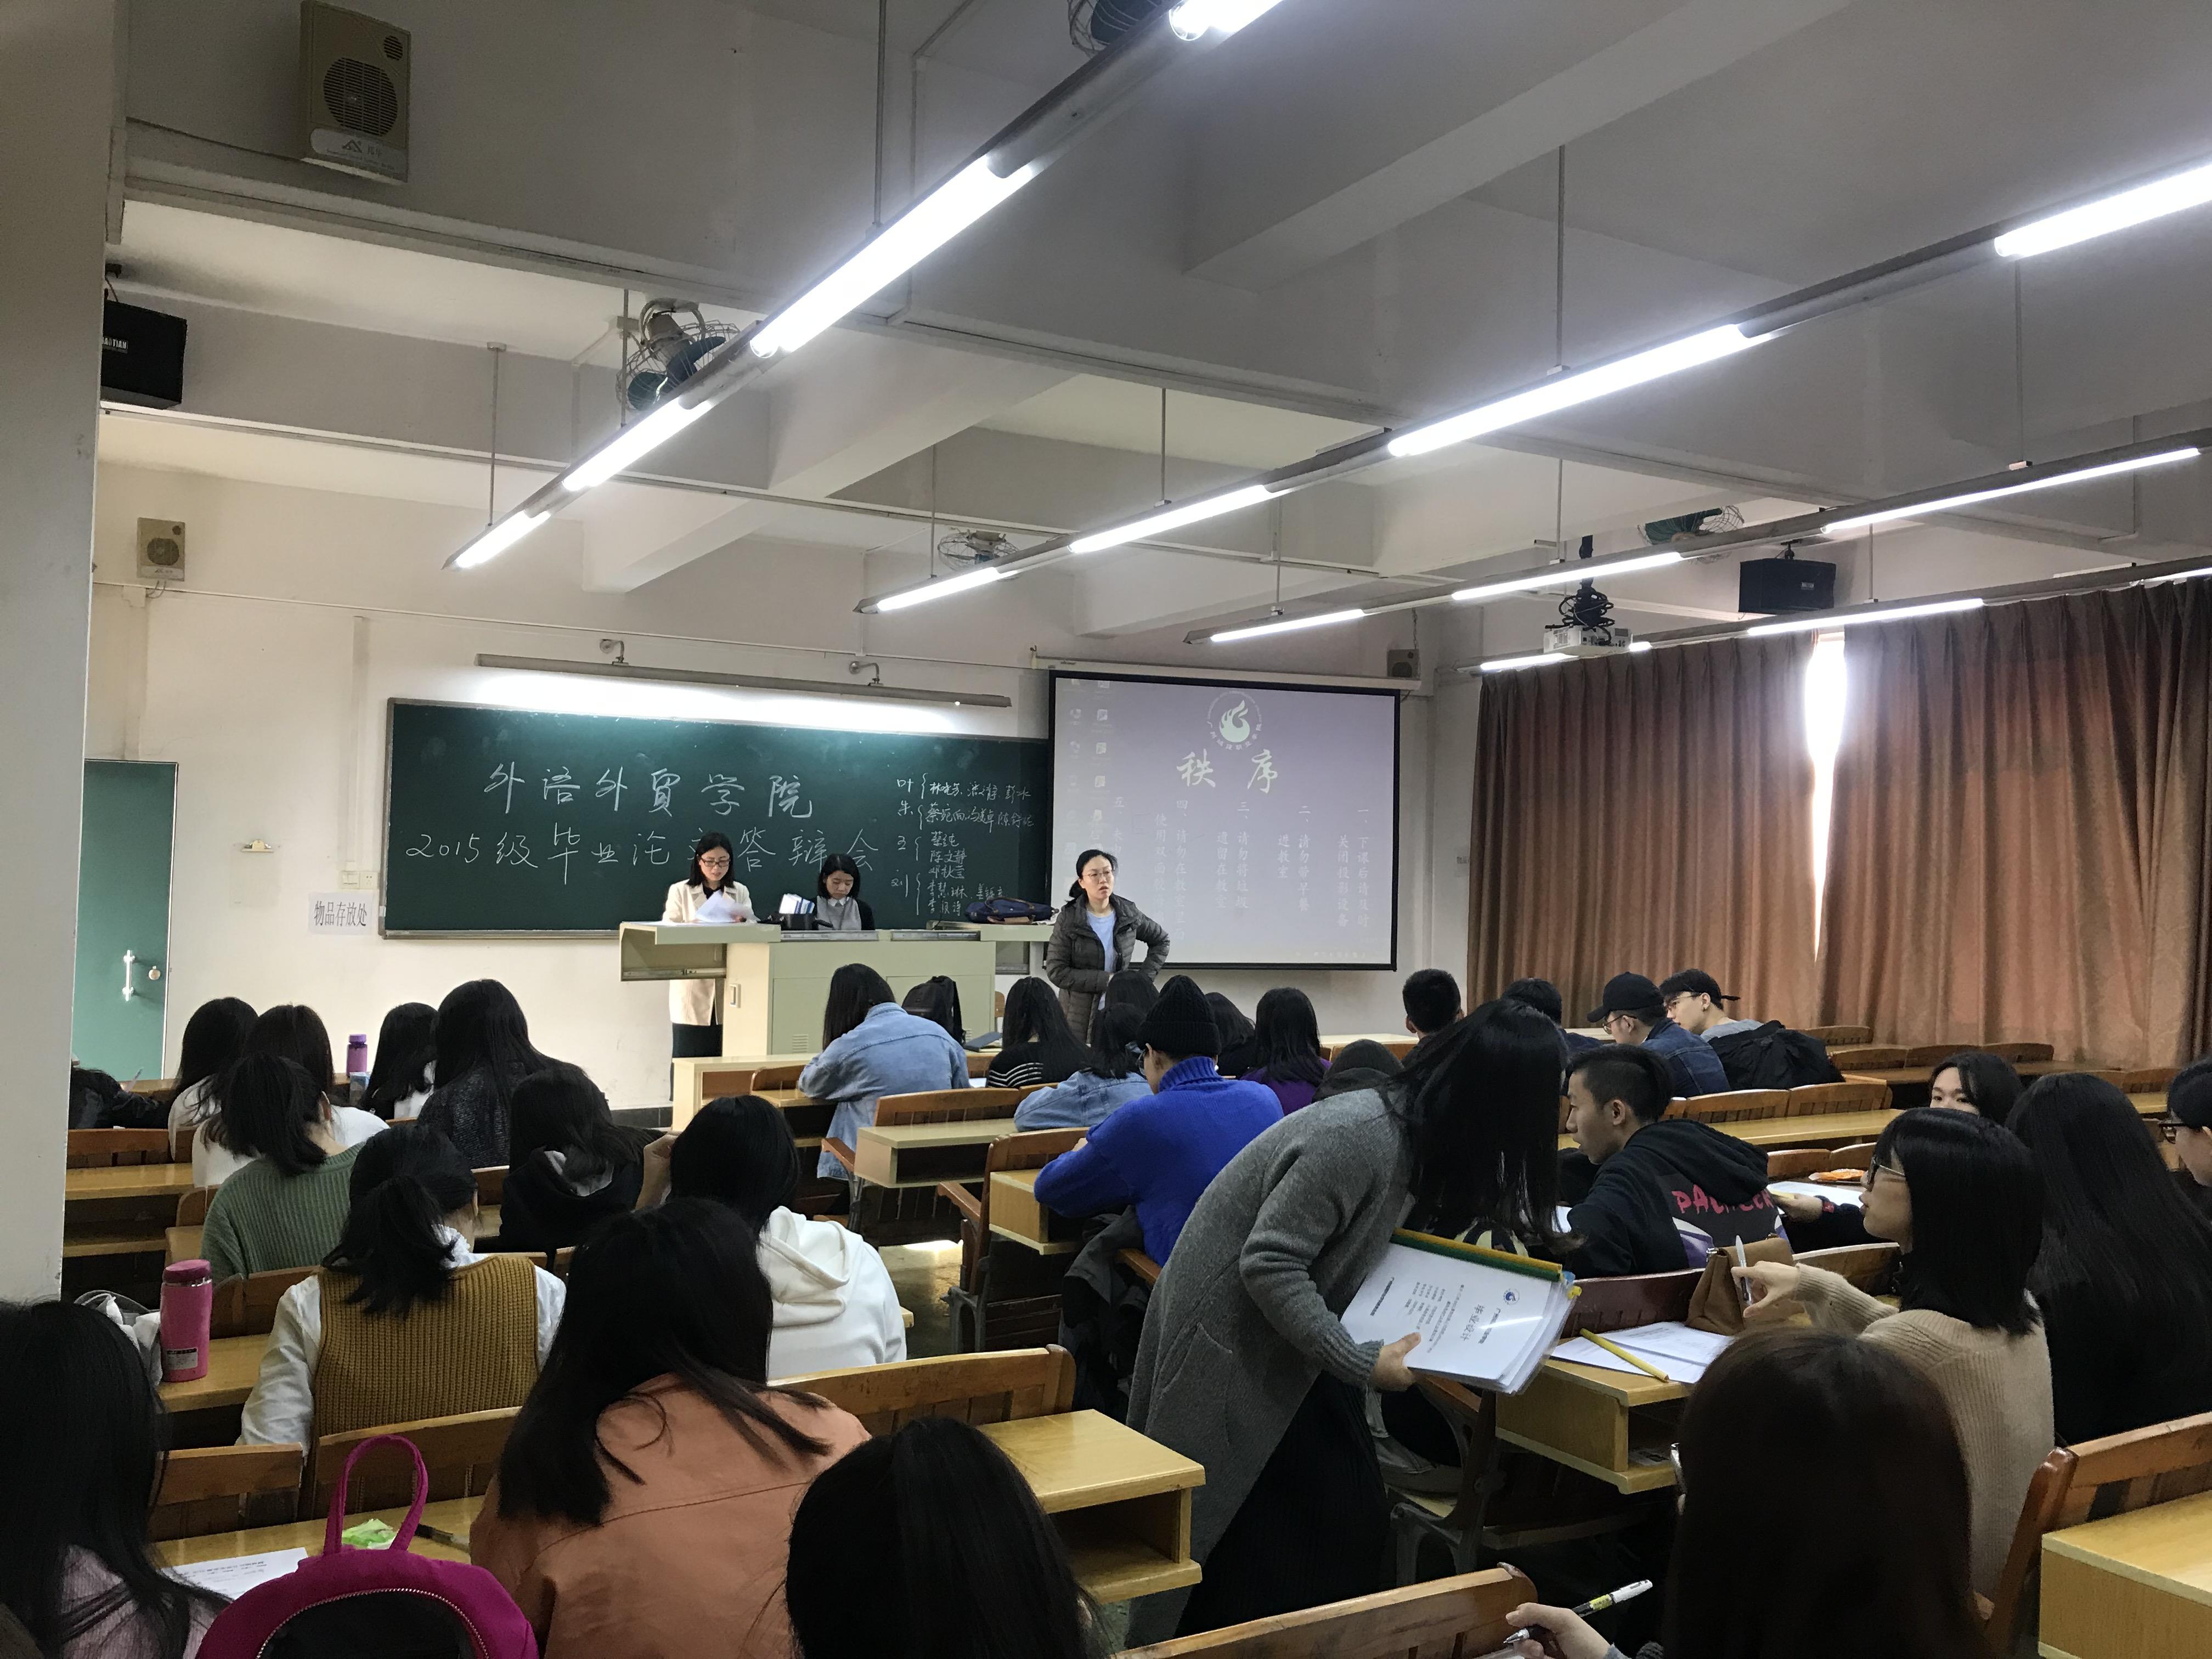 2018届毕业生毕业答辩现场